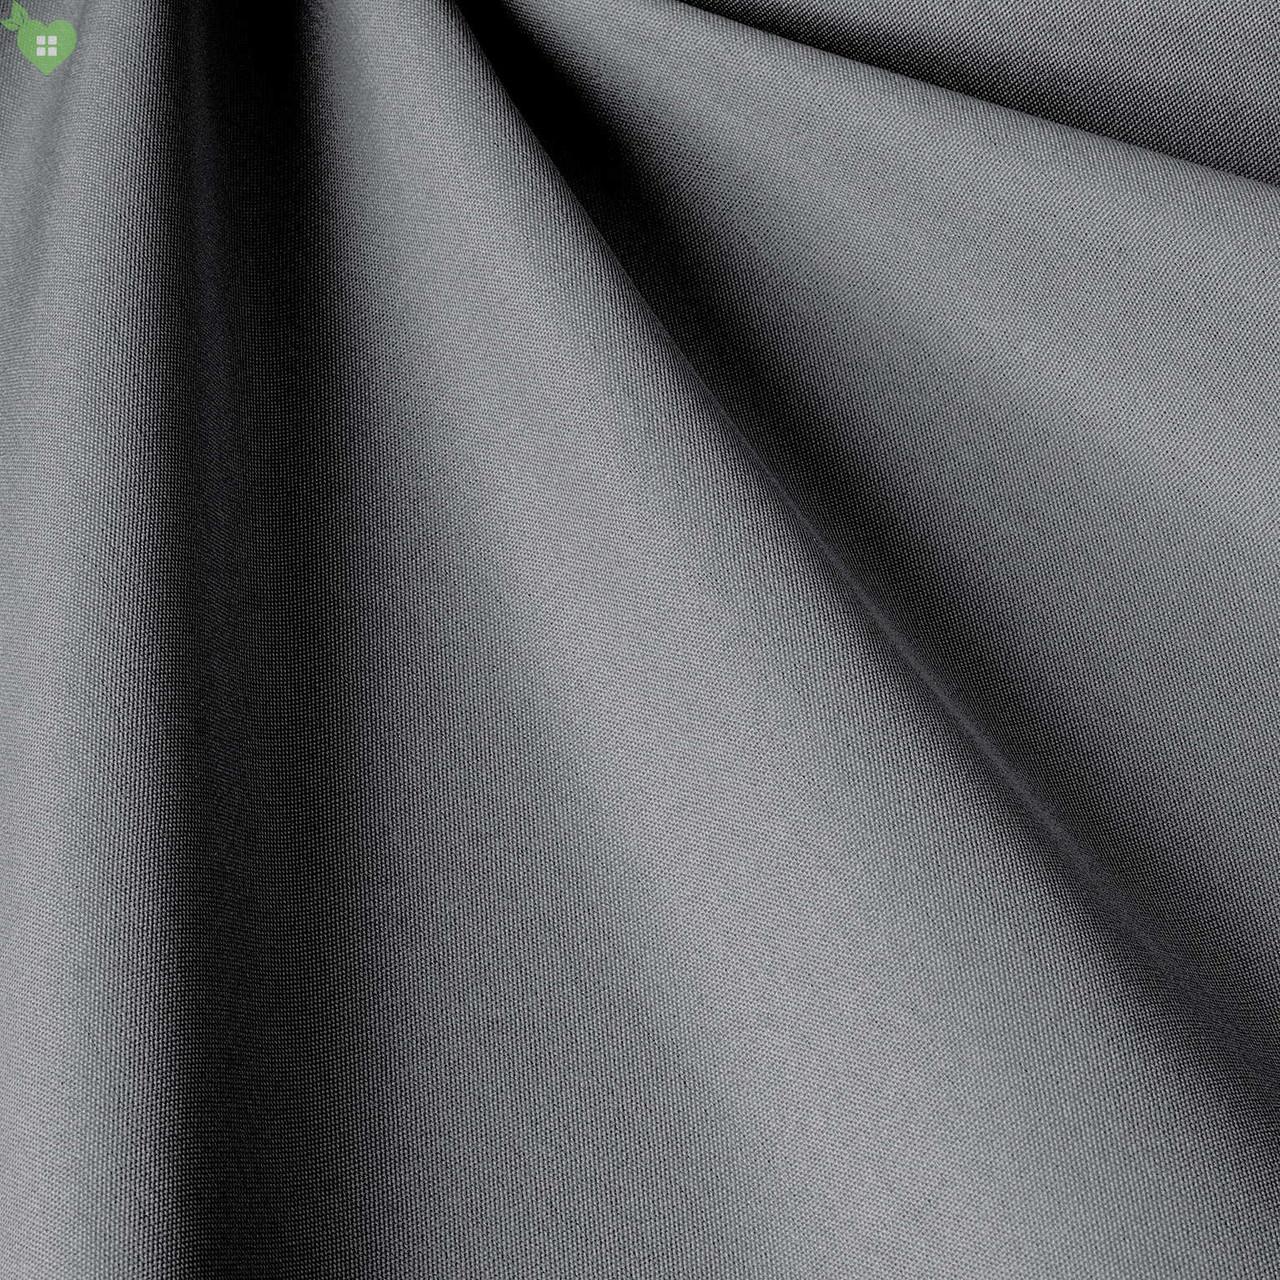 Однотонная уличная ткань серого цвета Испания 83407v34